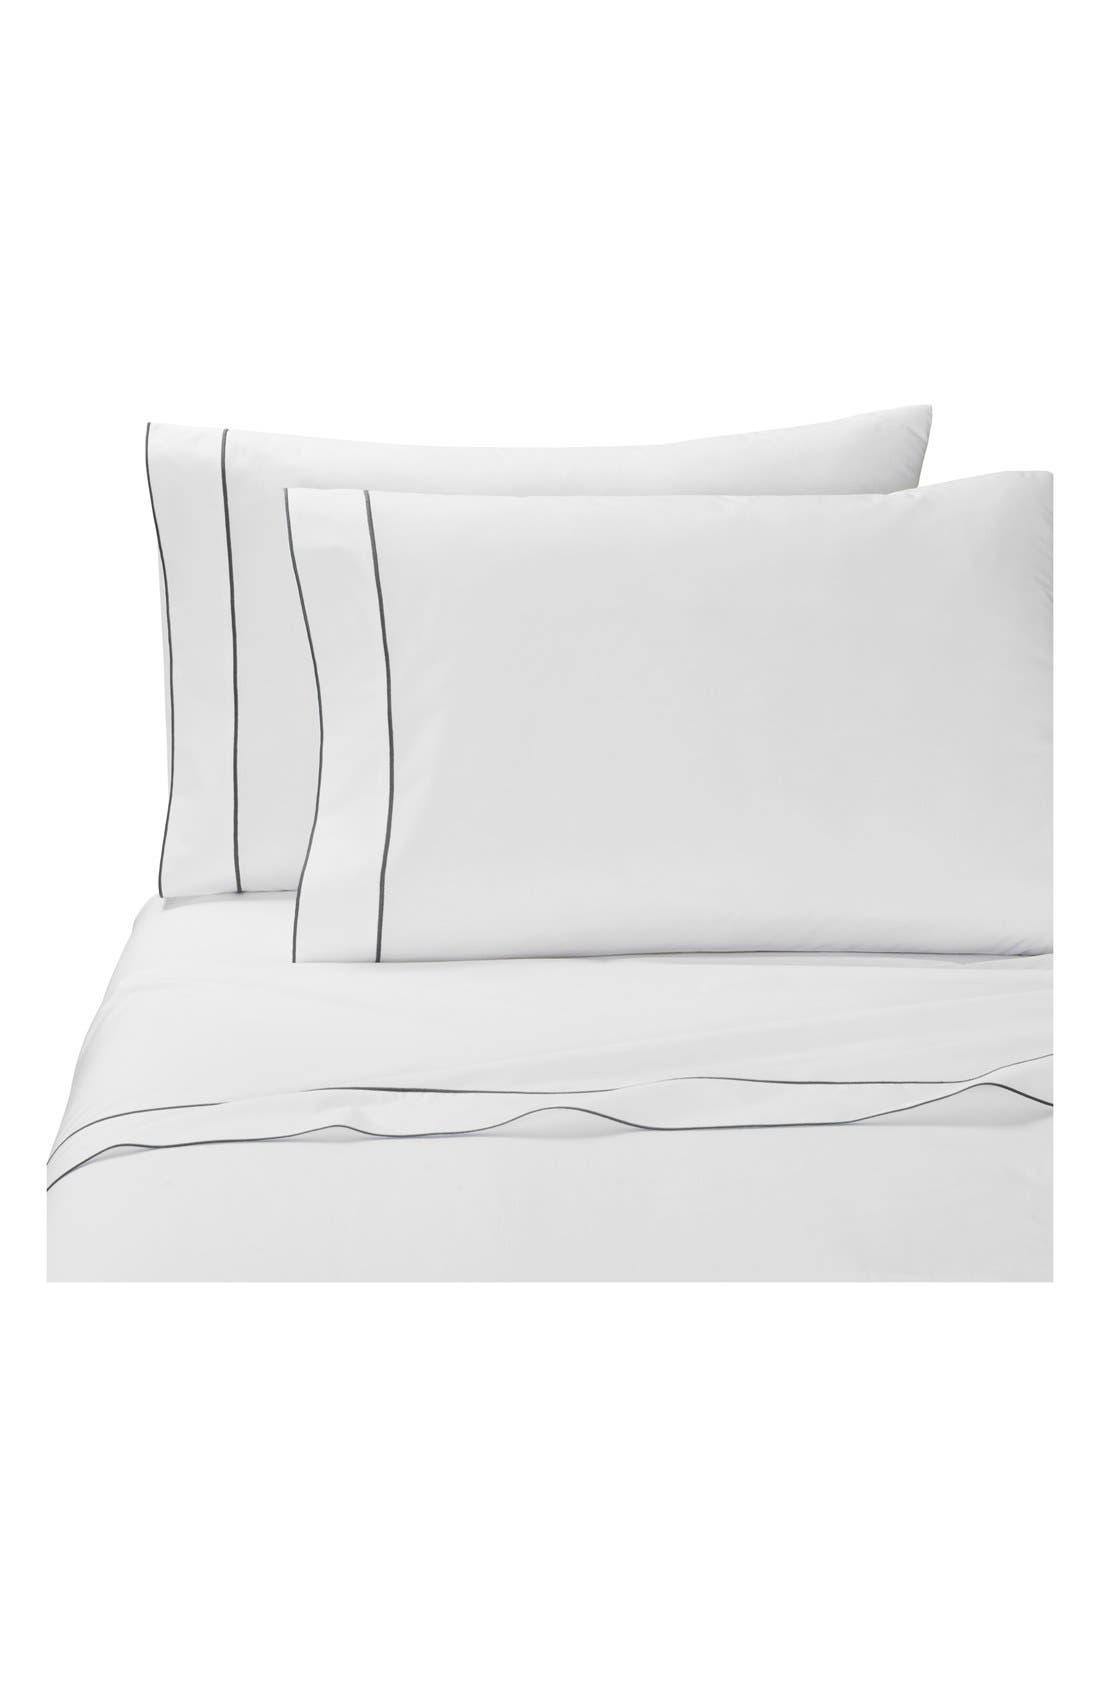 KASSATEX Sorrento Pillowcases